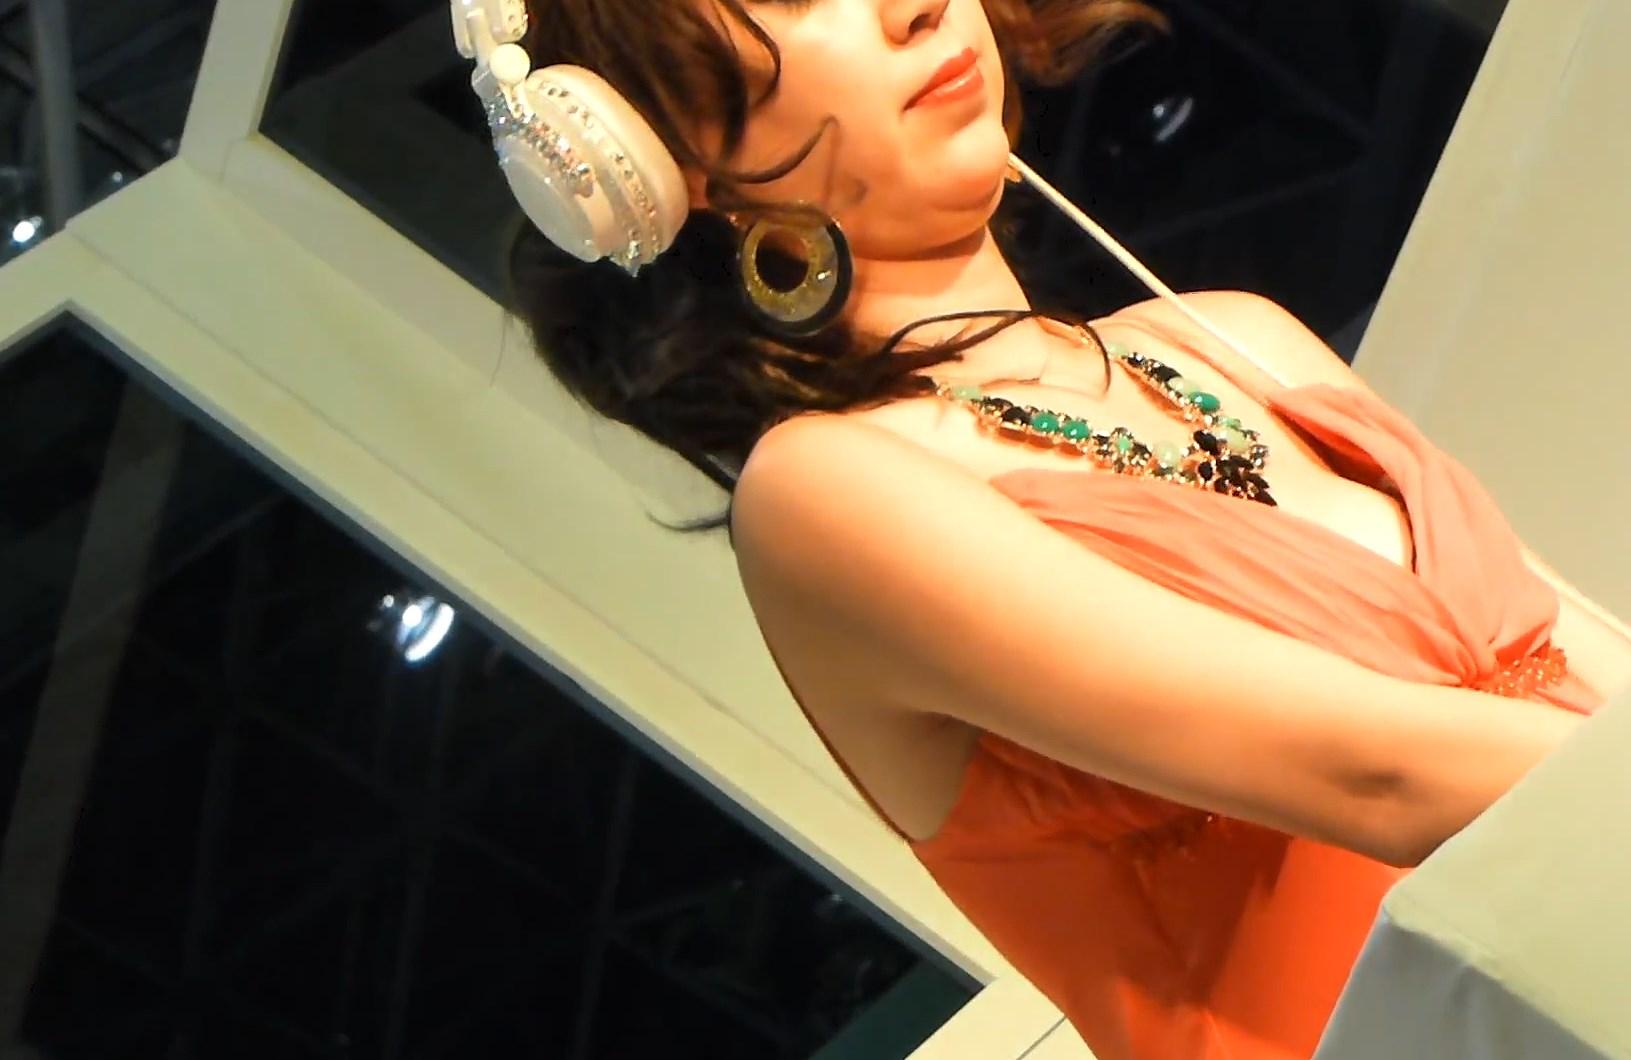 胸チラと乳首ポロリする美人DJ